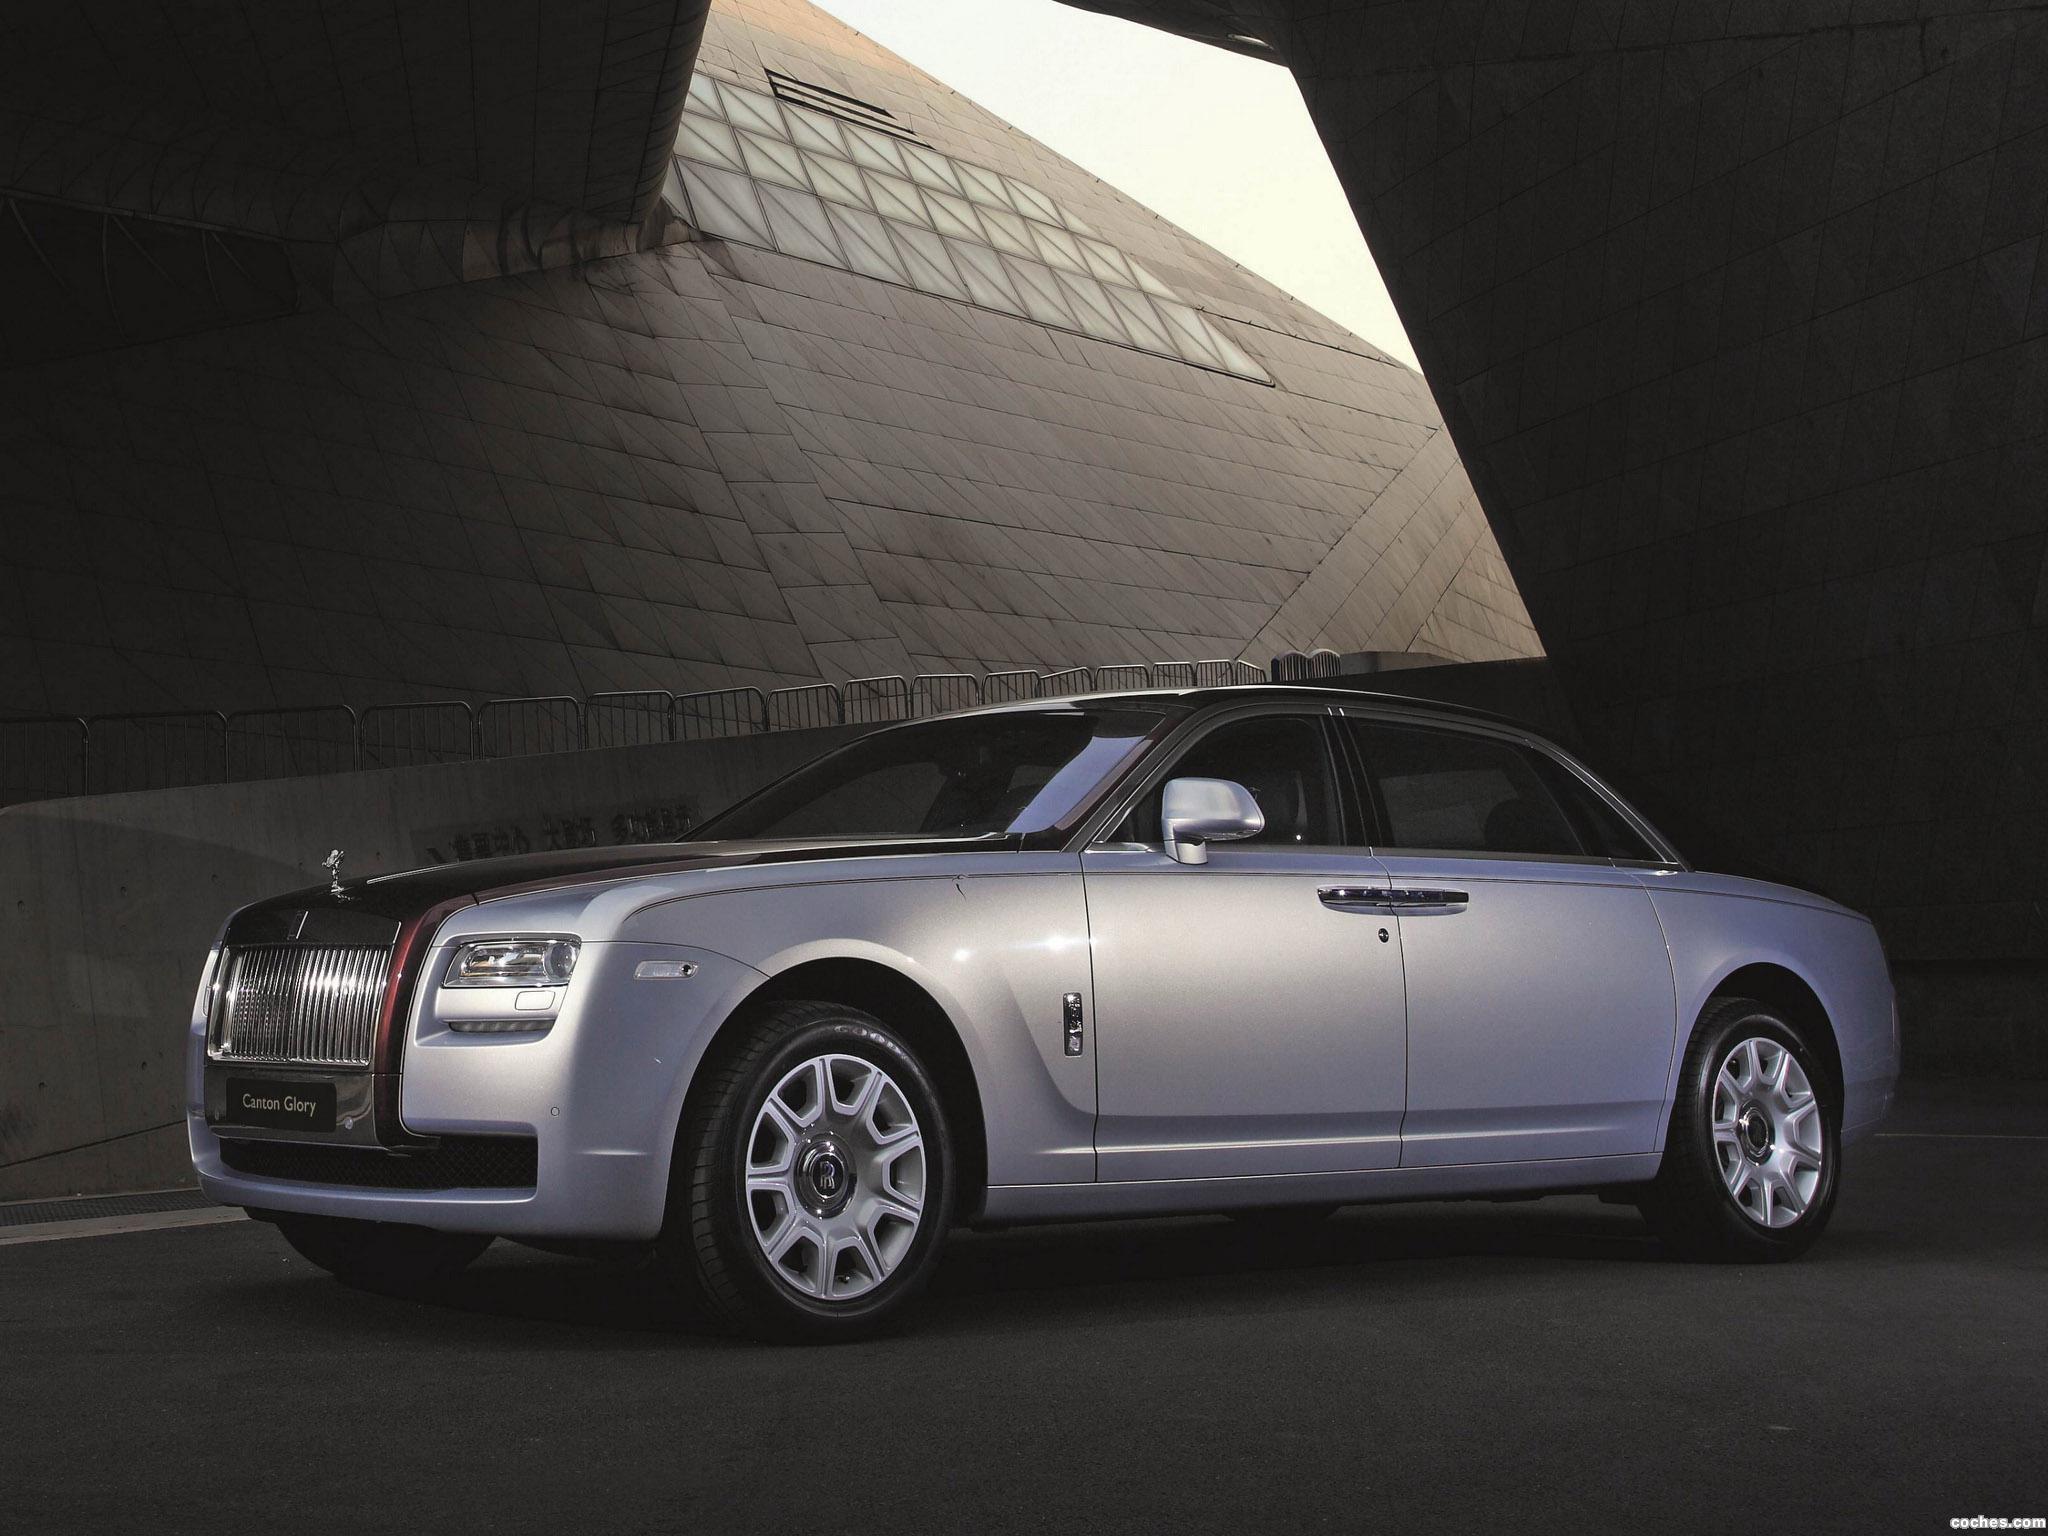 Foto 0 de Rolls Royce Ghost Canton Glory Bespoke 2013